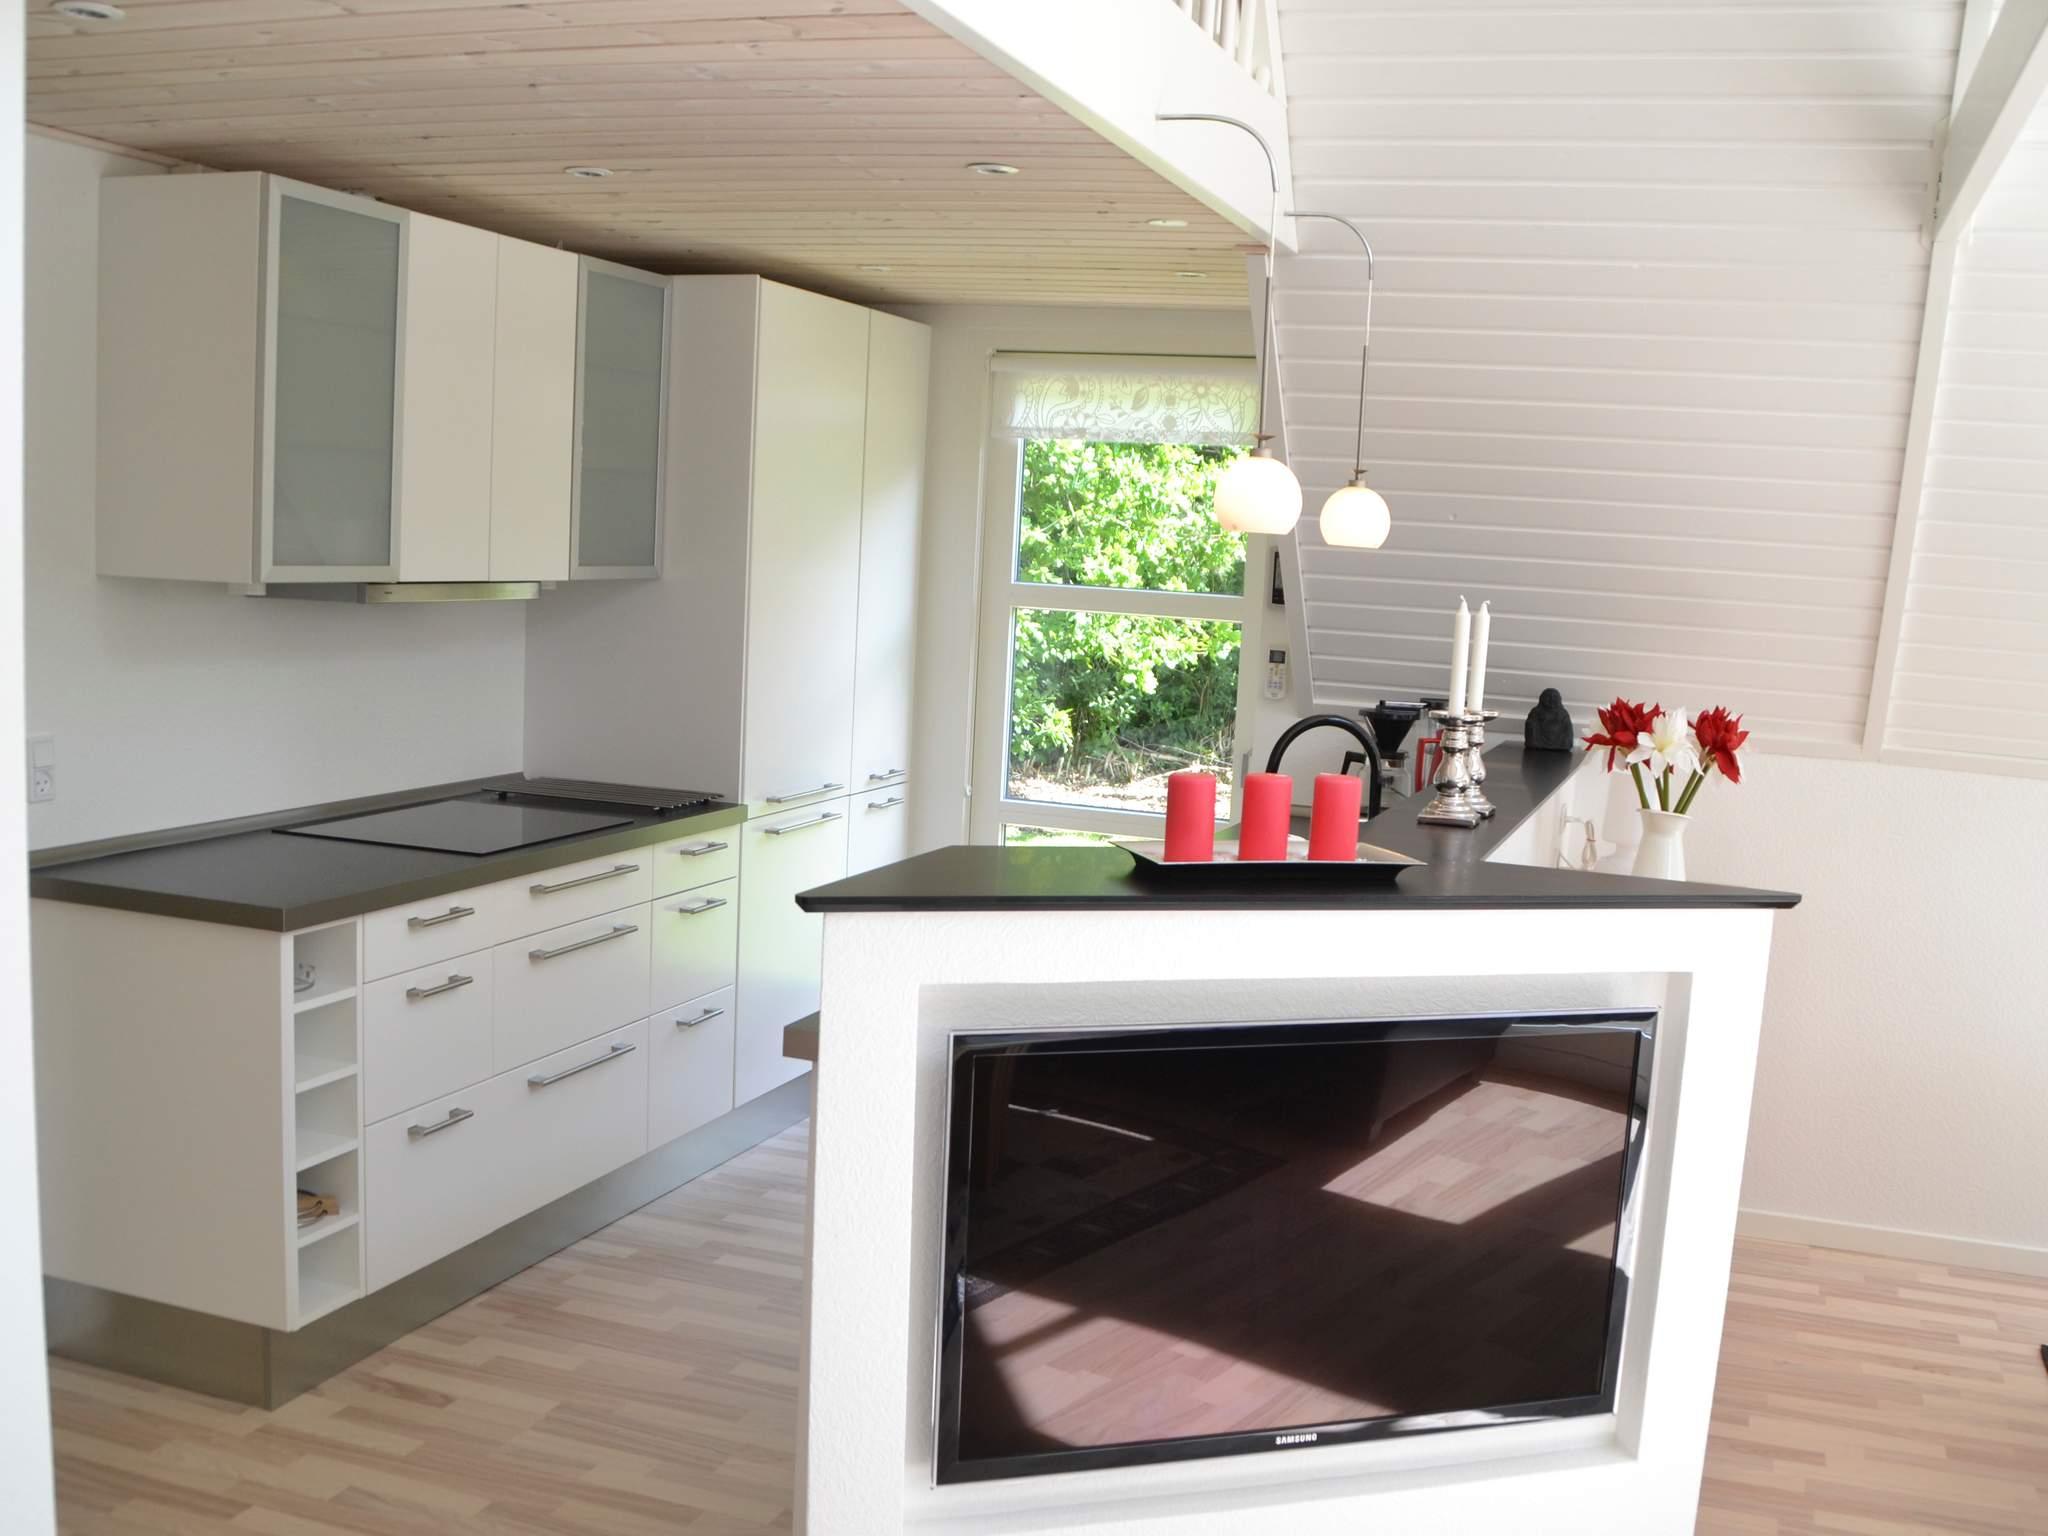 Ferienhaus Jegum (241722), Jegum, , Westjütland, Dänemark, Bild 8